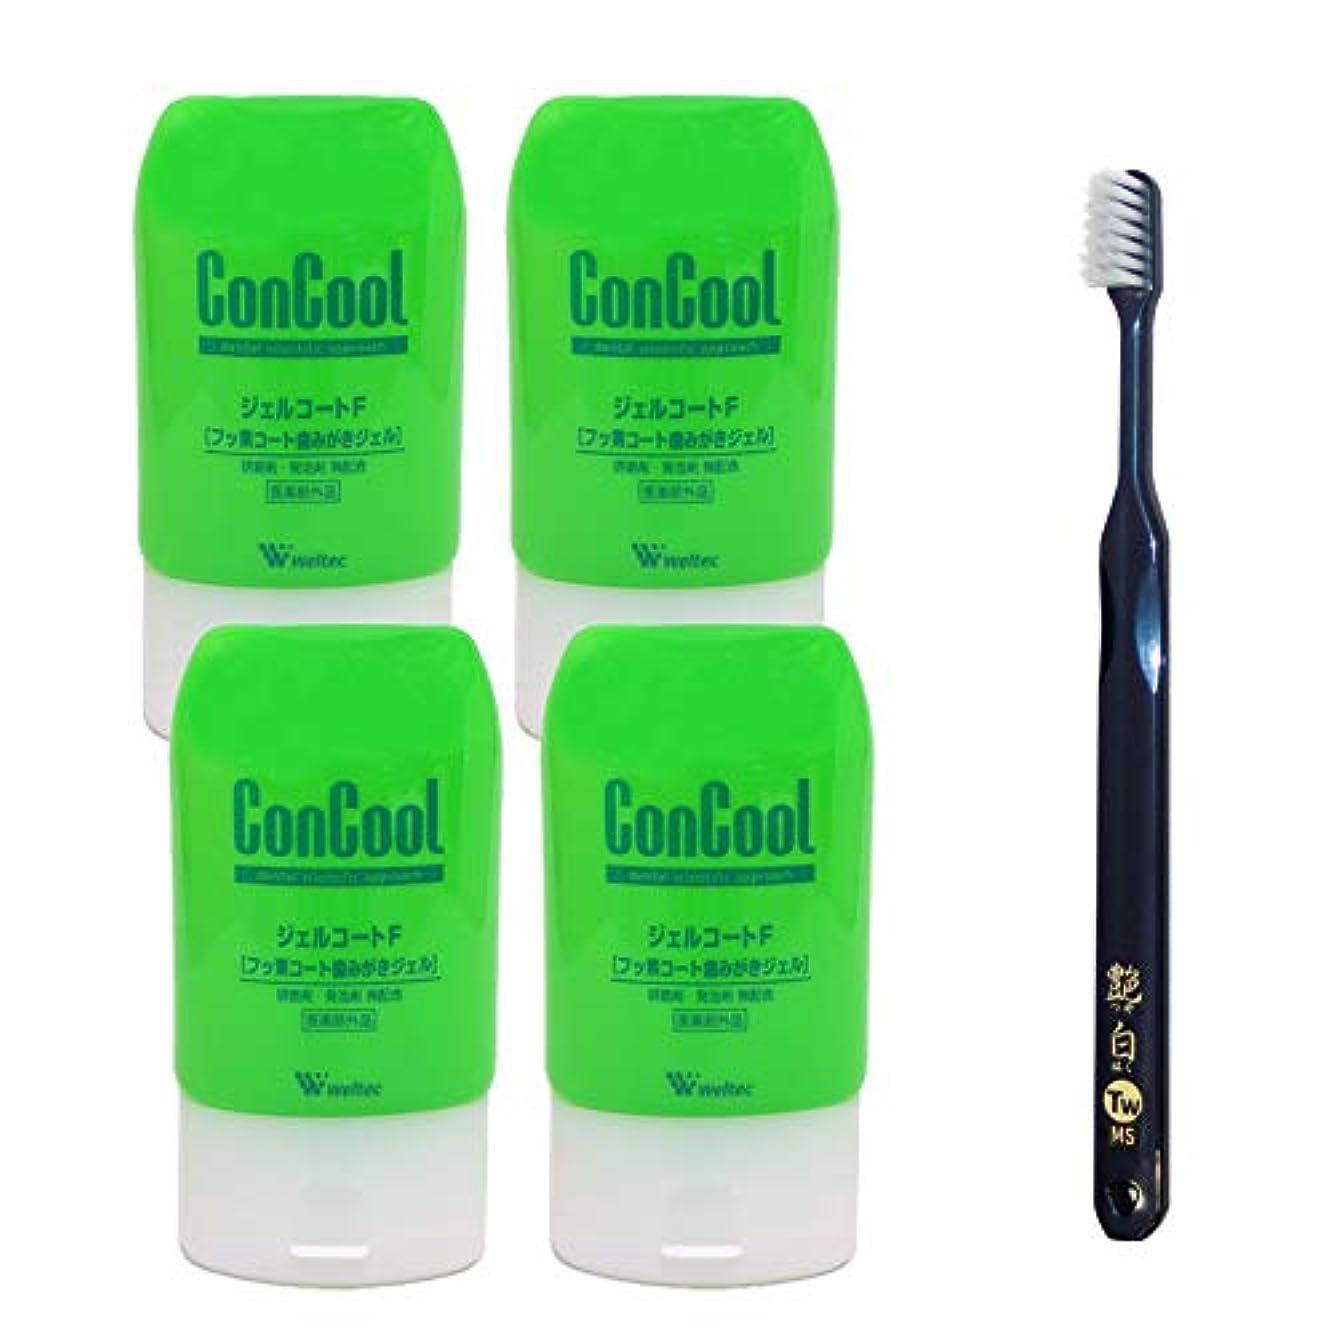 一目オフインフラコンクール ジェルコートF 90g × 4個 + 艶白(つやはく) 二段植毛 歯ブラシ ×1本 日本製 歯科専売品